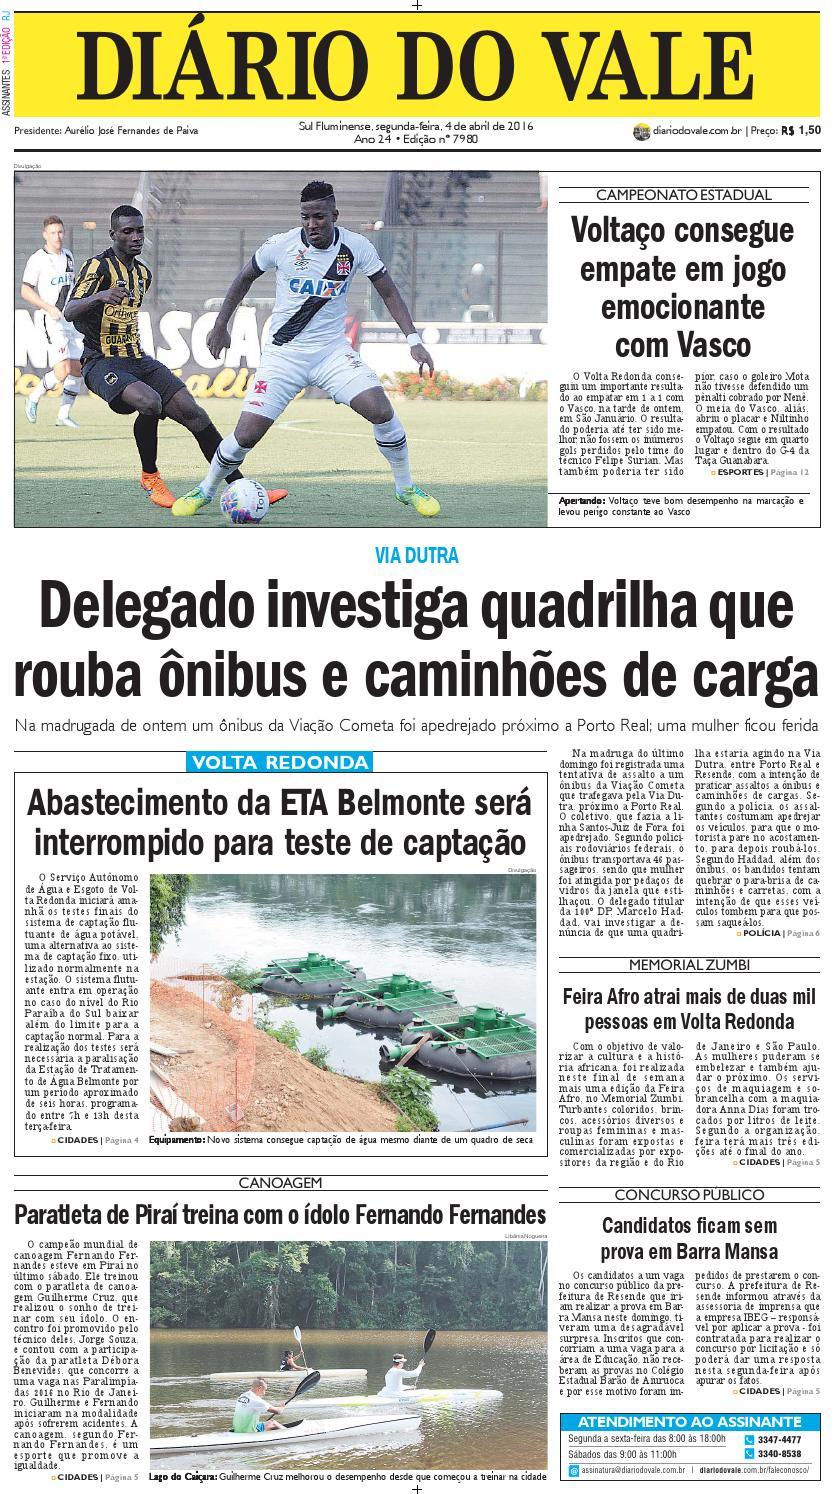 7980 Diario Segunda Feira 04 04 2016 By Diário Do Vale Issuu